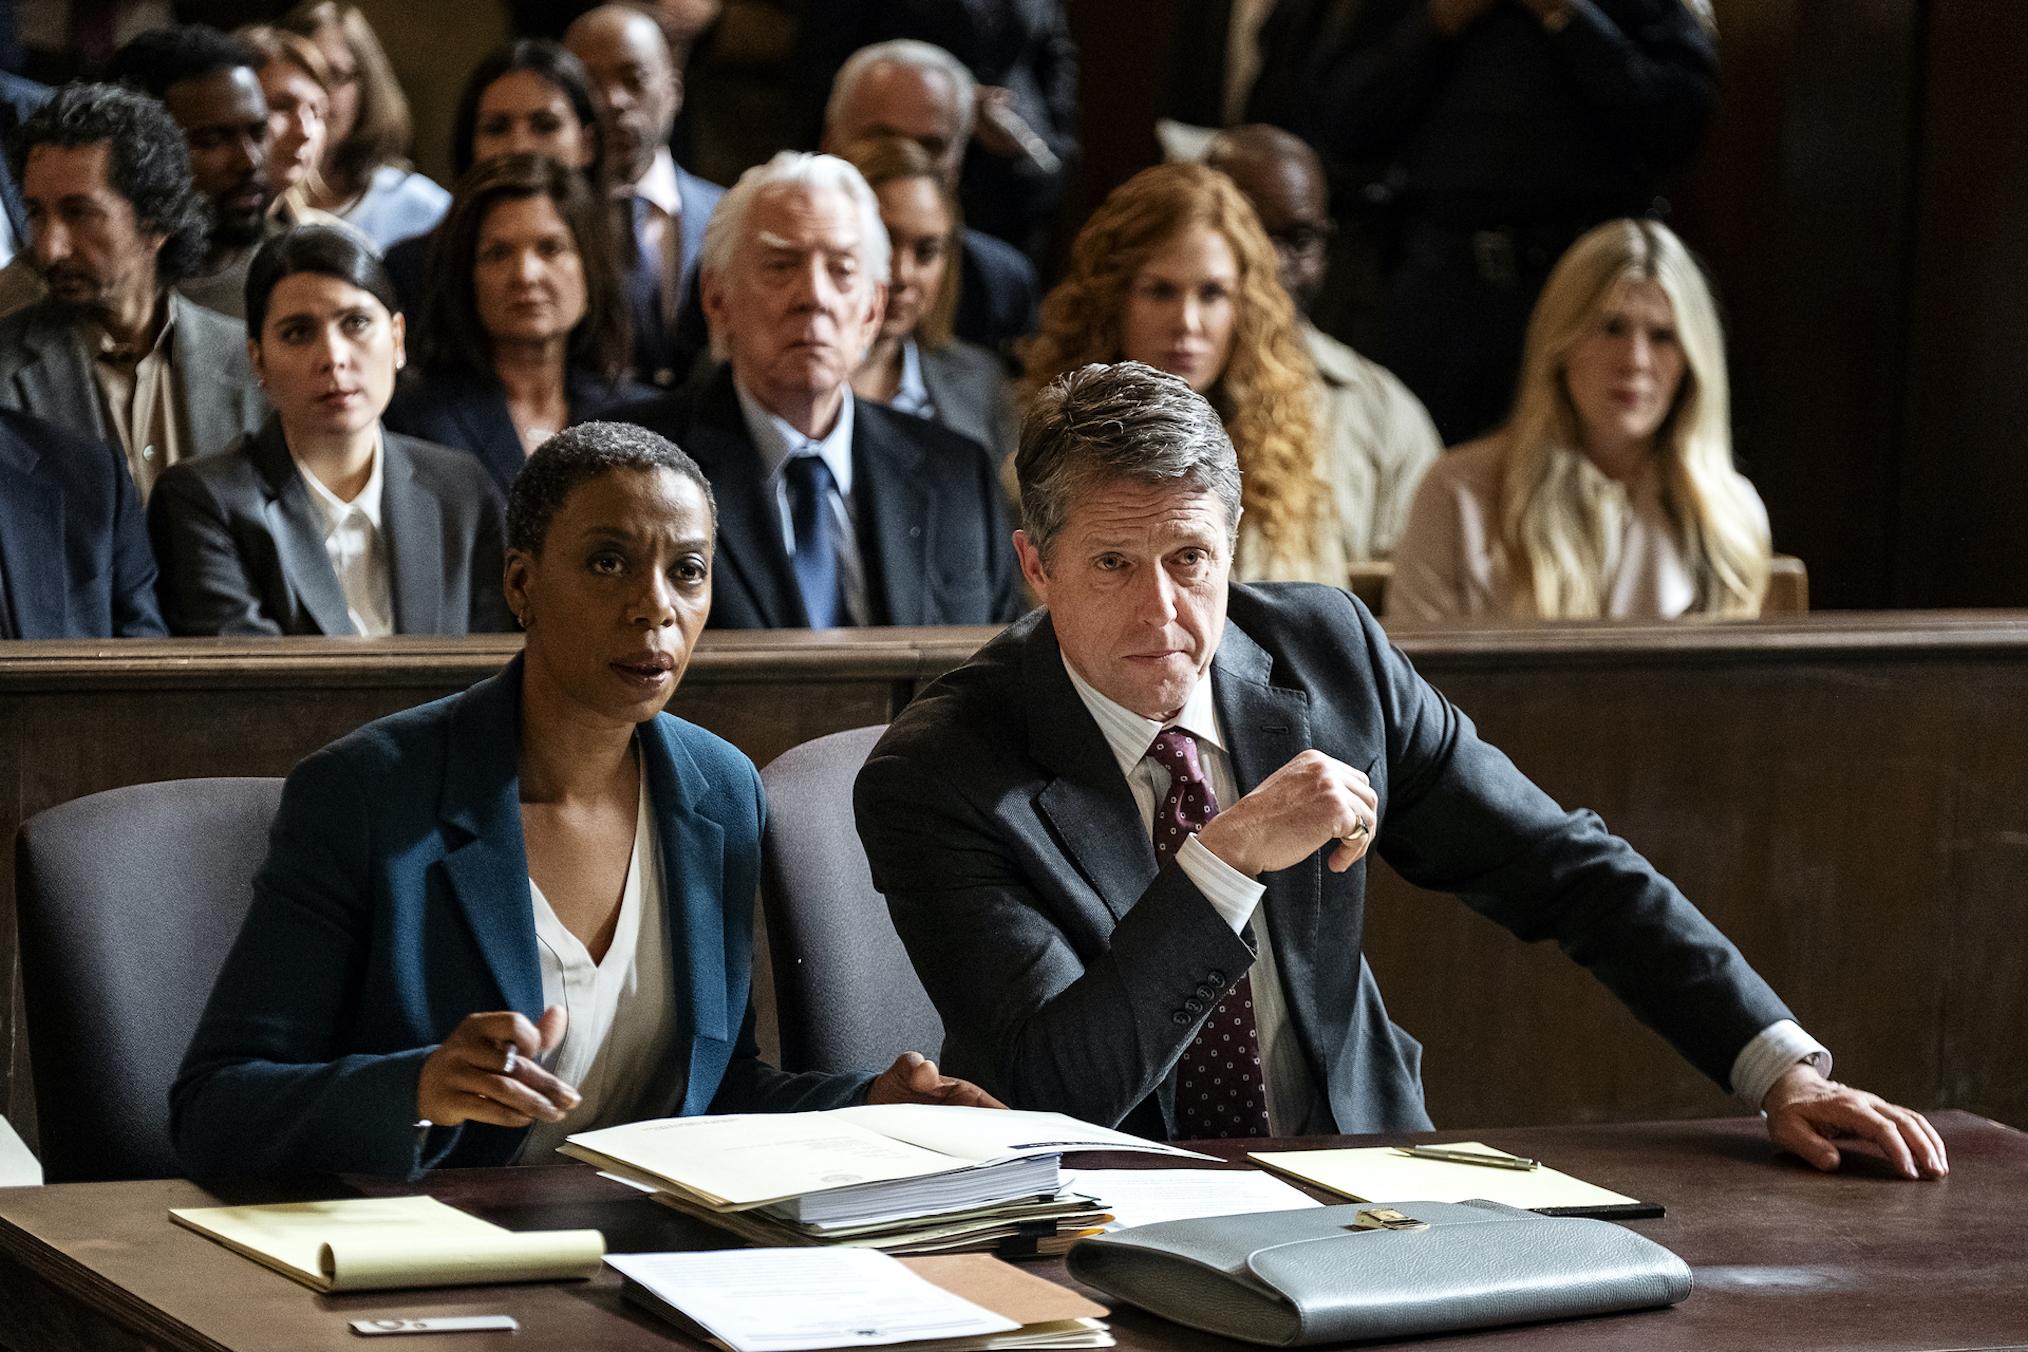 A imagem é uma cena da série The Undoing. Nela estão Hugh Grant, que interpreta Jonathan Fraser, e Noma Dumezweni, que interpreta Haley Fitzgerald, sentados à mesa em um tribunal. Jonathan é um homem branco, com cabelos grisalhos e olhos azuis, ele veste uma camisa branca, uma gravata vinho com bolinhas e um terno preto. Haley é uma mulher negra, com cabelo raspado, ela veste uma camisa branca e um terno azul marinho. Na mesa em que estão, há papéis e cadernos espalhados.